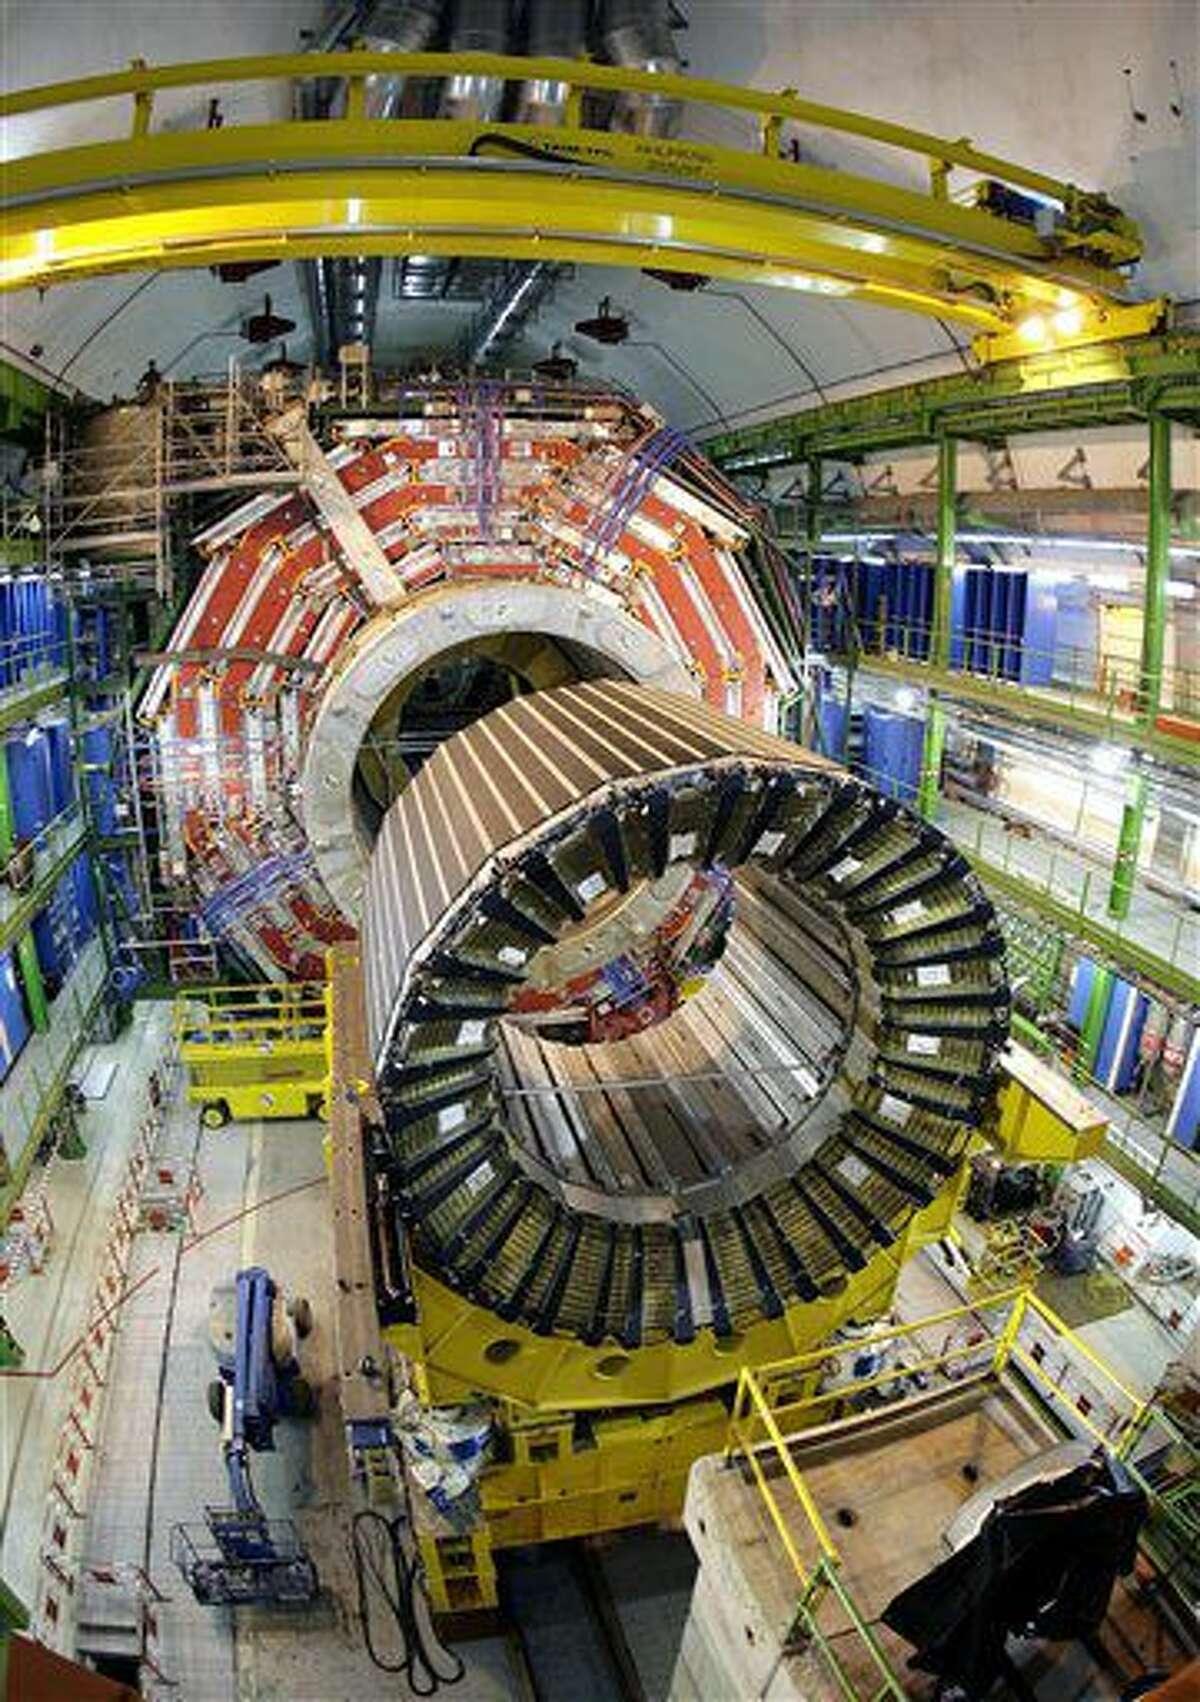 ARCHIVO - Fotografía de archivo del 22 de marzo de 2007 muestra el núcleo del superconductor solenoide magnético más grande del mundo en el acelerador de partículas del Gran Colisionador de Hadrones de la Organización Europea para la Energía Nuclear, en Ginebra, Suiza. (AP Foto/Keystone, Martial Trezzini, archivo)